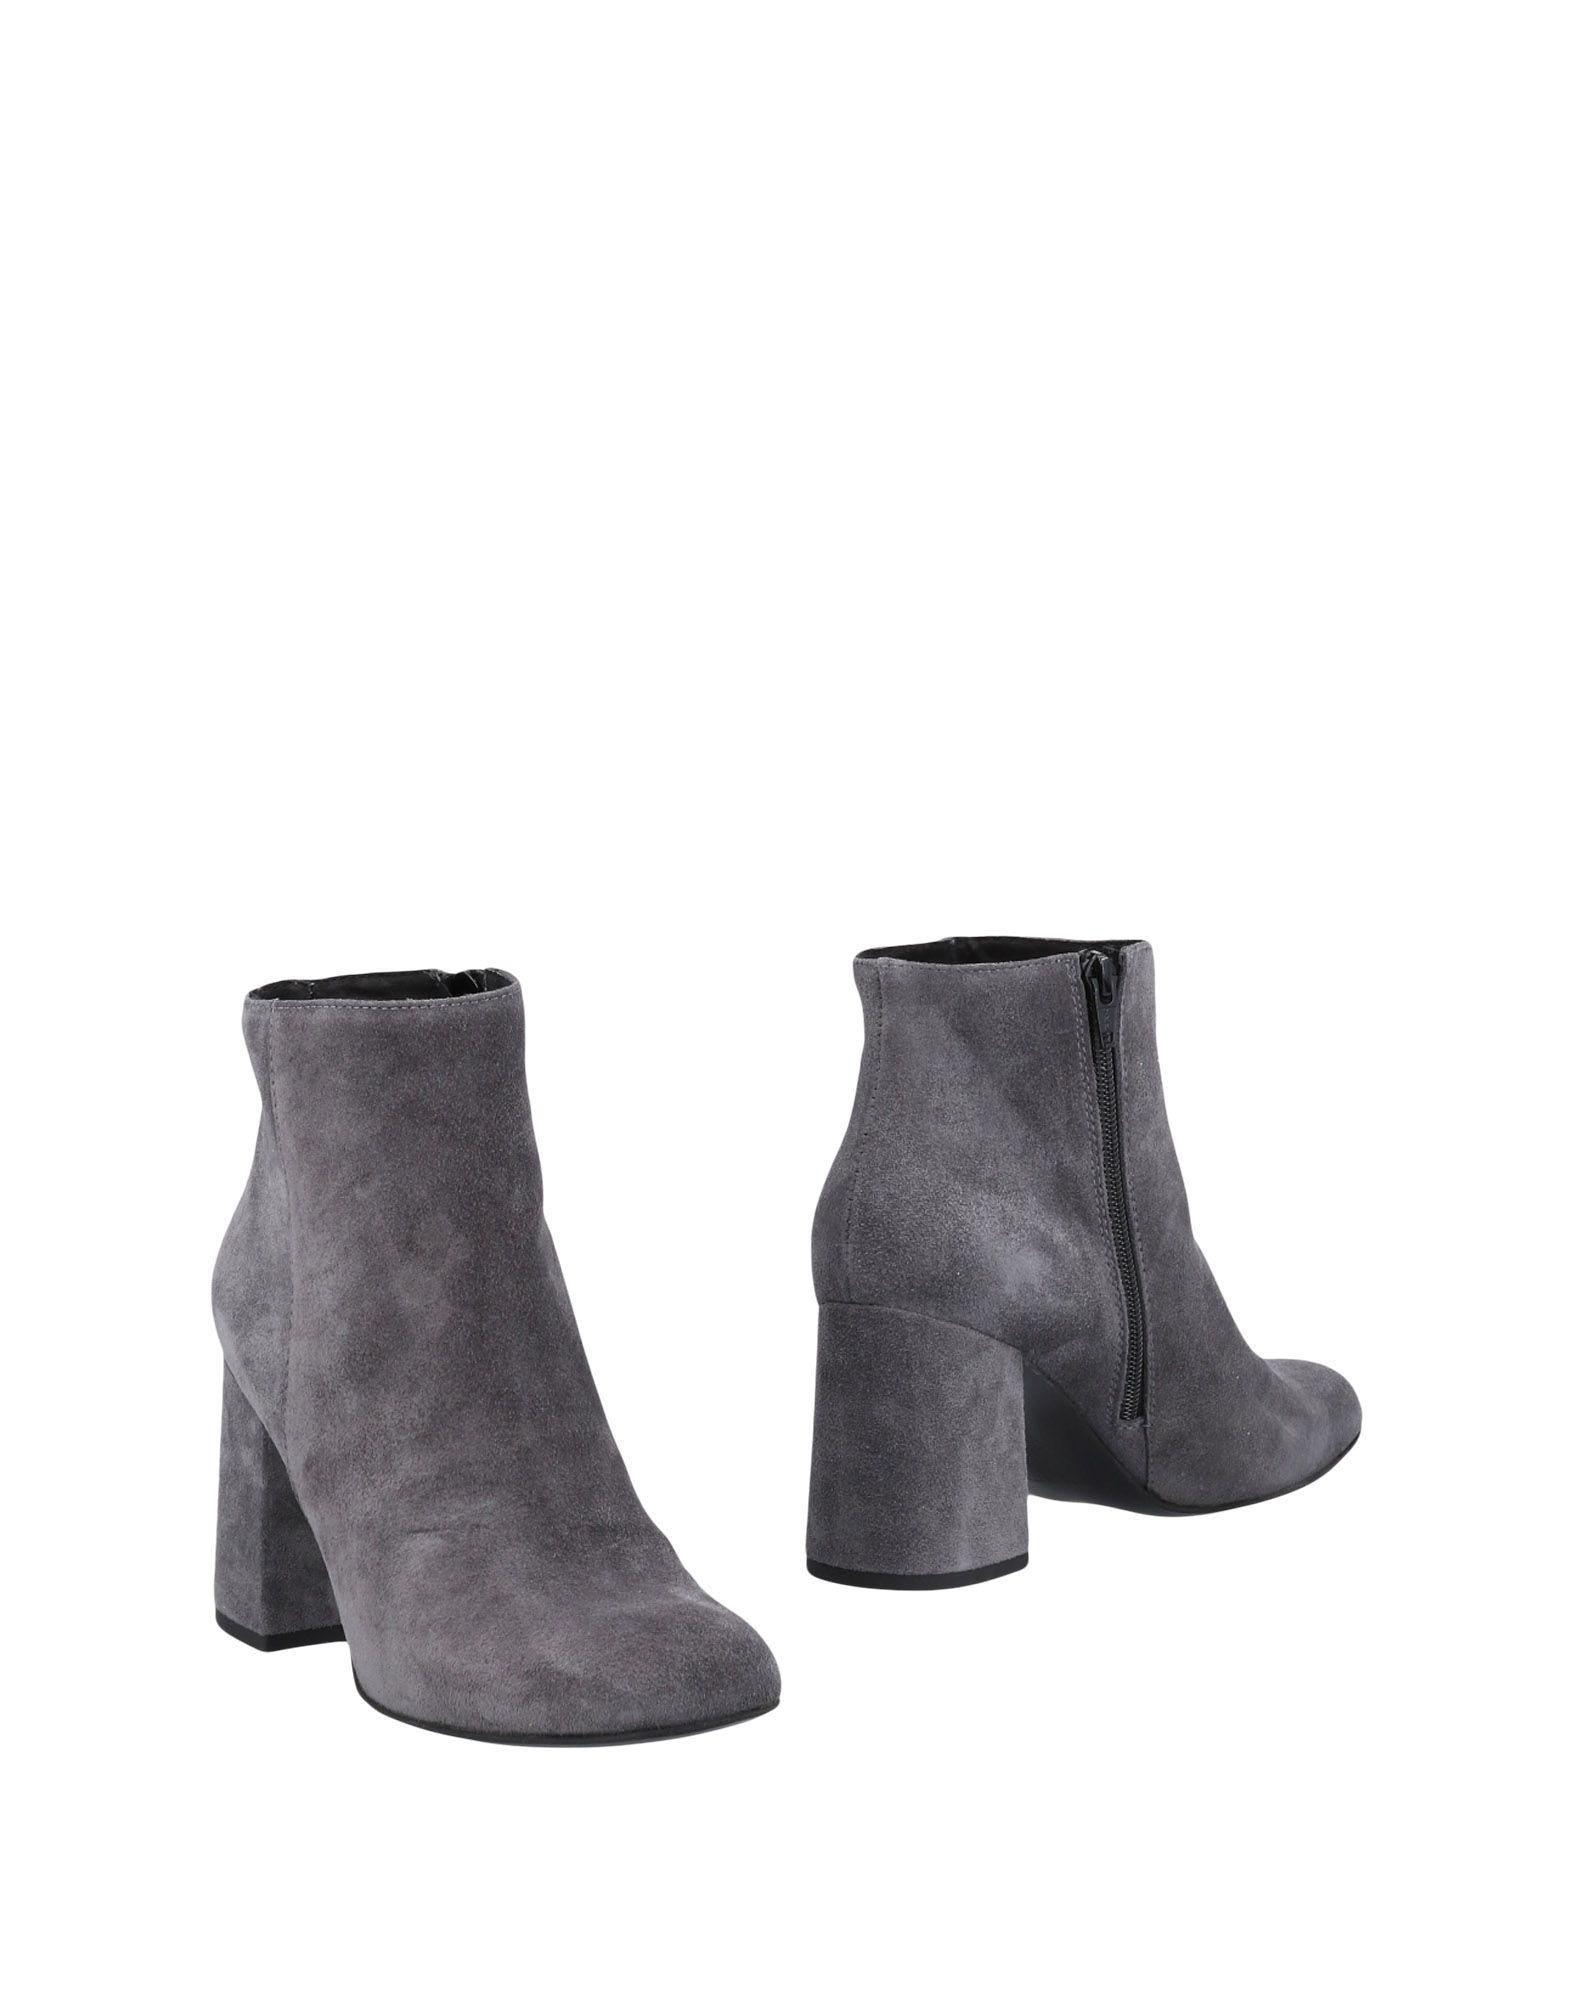 Unlace Stiefelette Damen  11477721OC Gute Qualität beliebte Schuhe